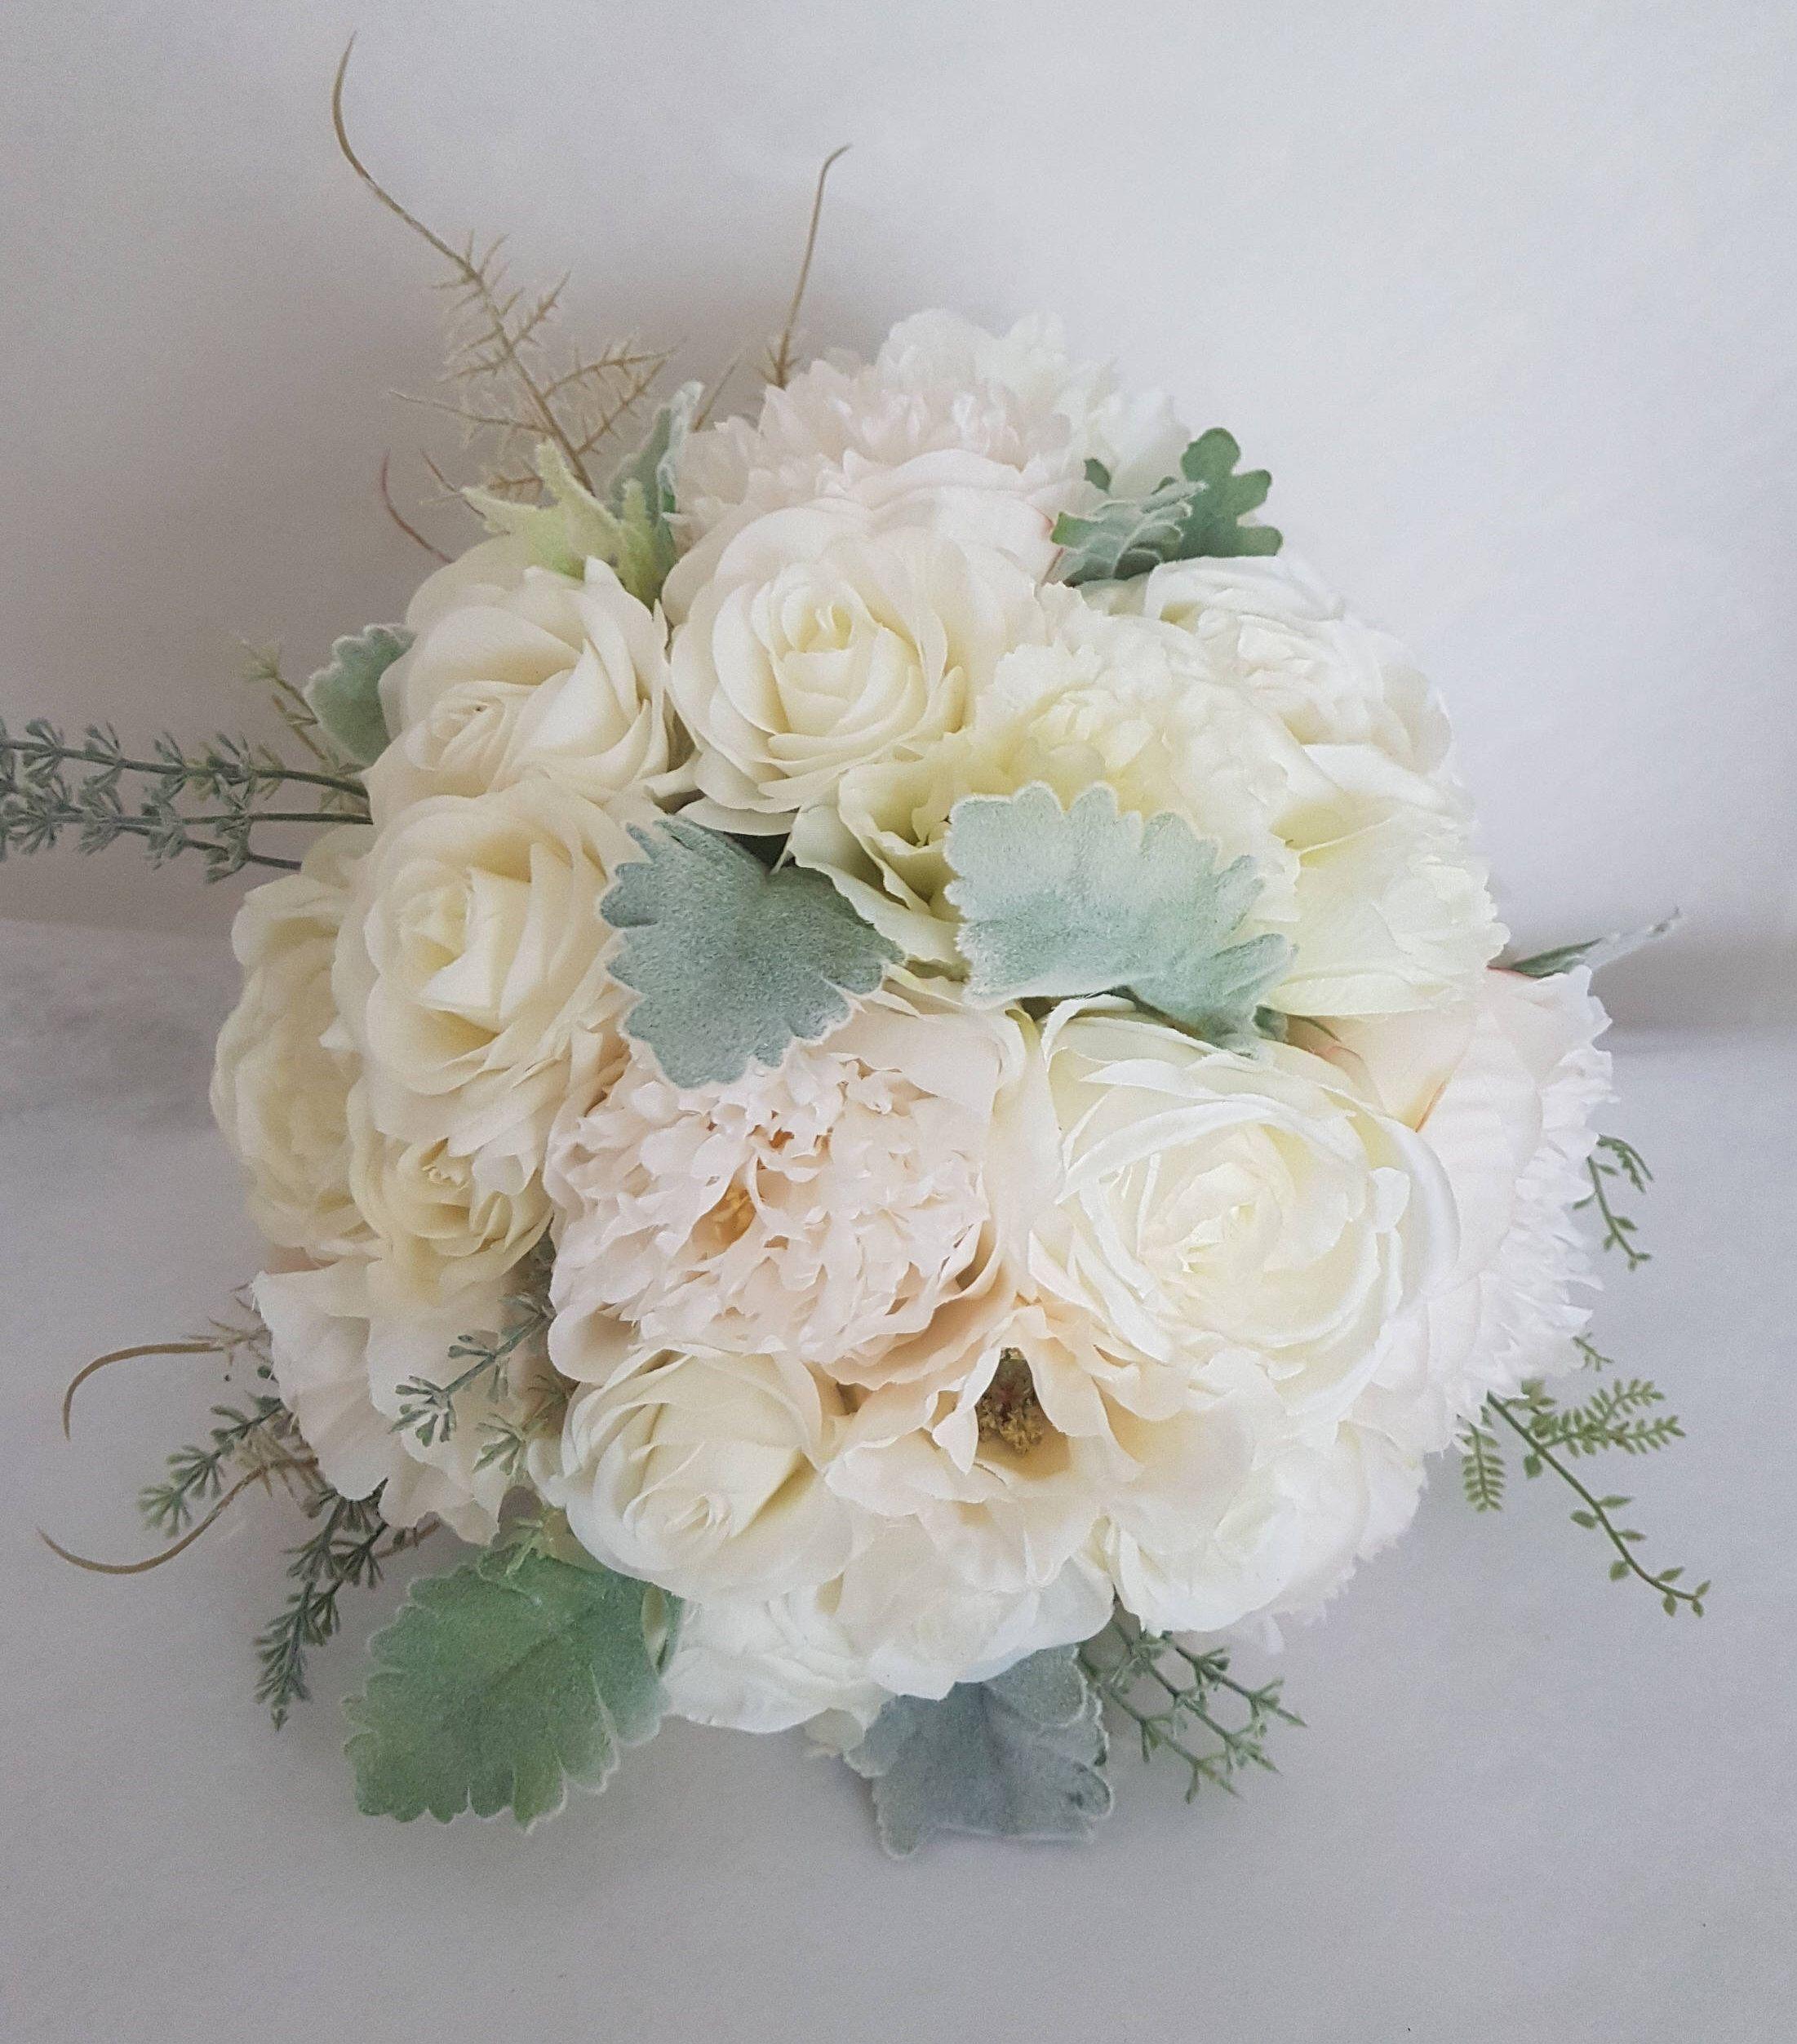 Serena White Ivory Artificial Silk Wedding Bouquet